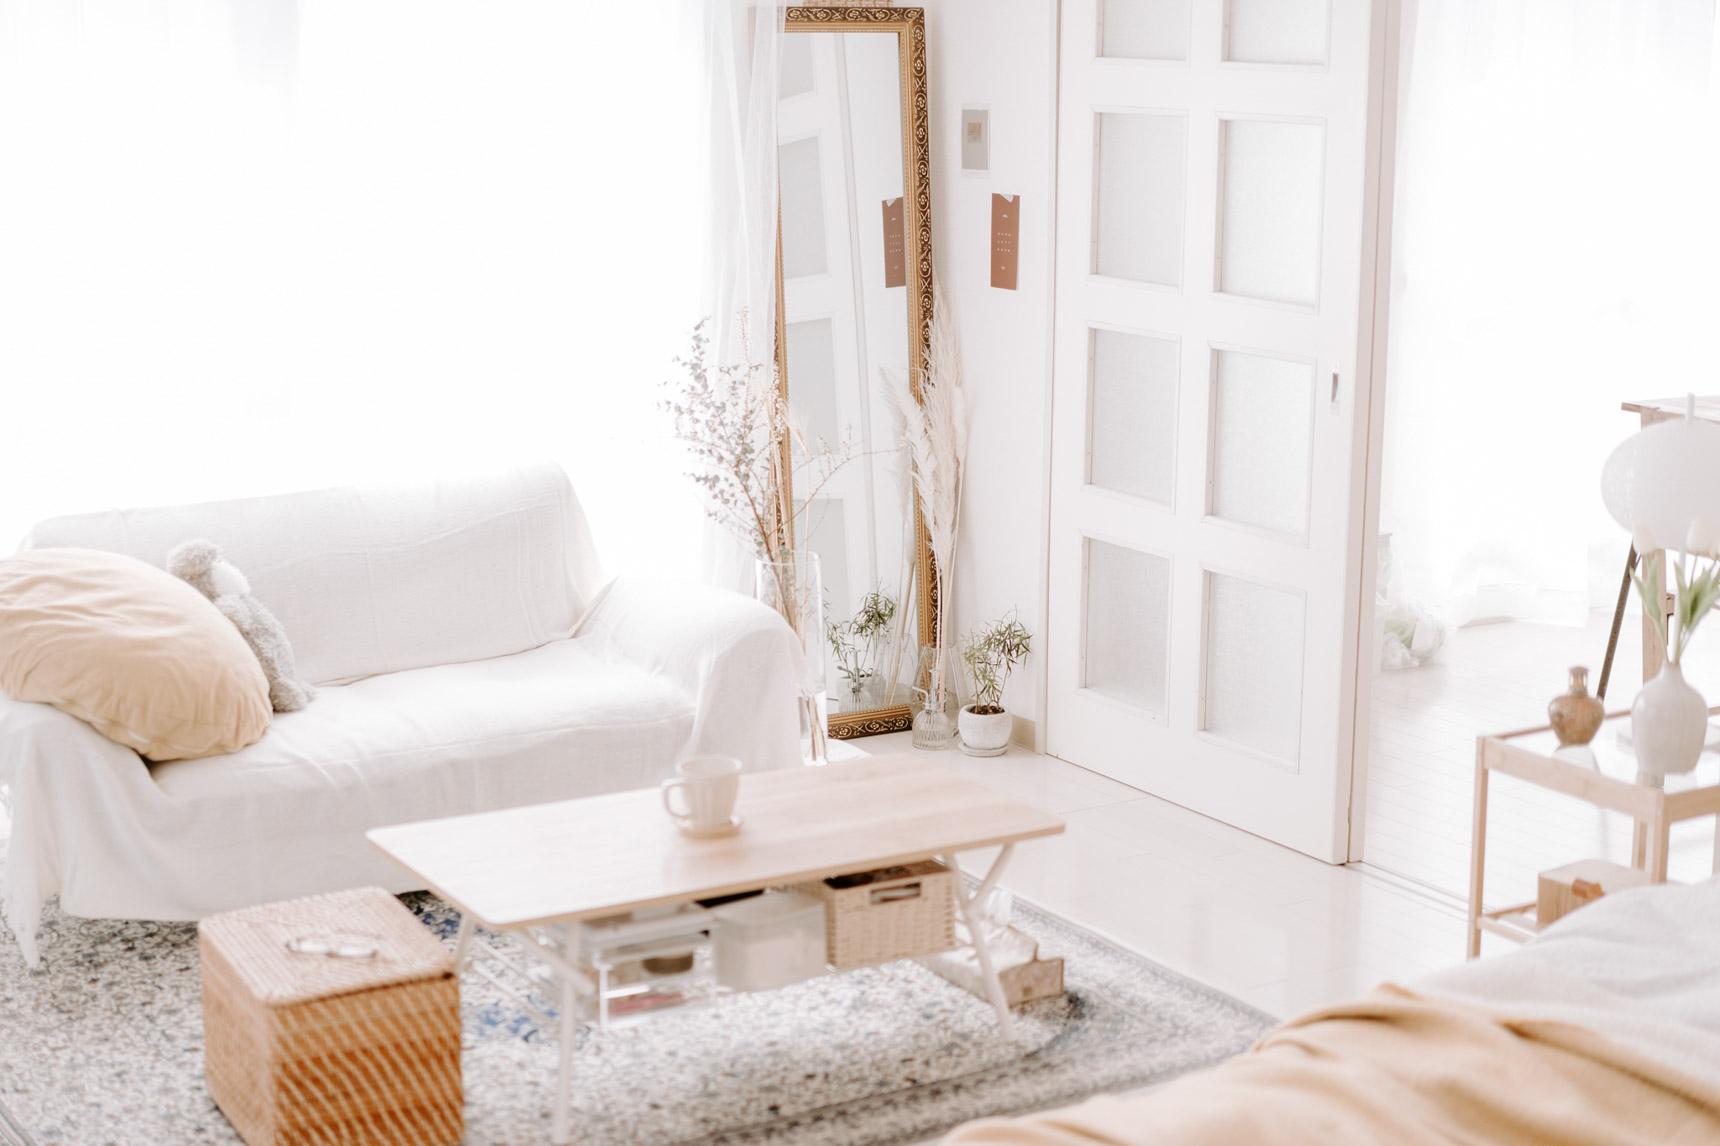 用意した家具は、すのこベッドとソファ、ローテーブル。全体的に低く暮らすことで、お部屋をより広く見せています。